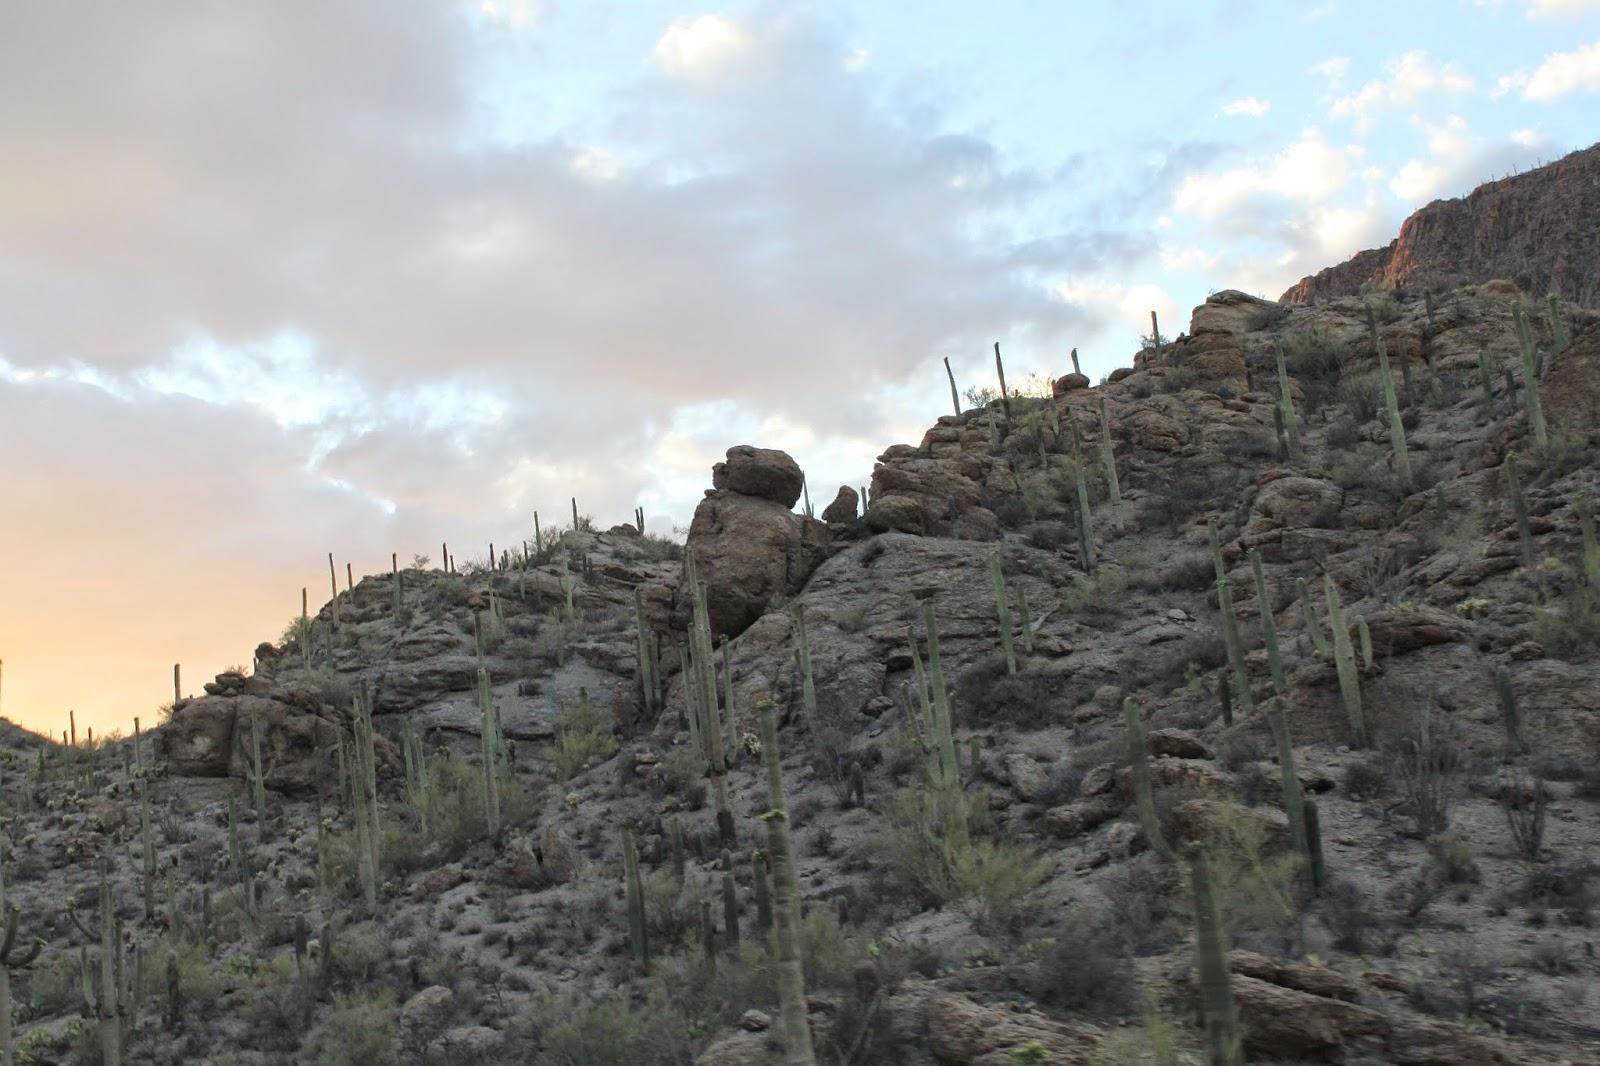 кактусы-в-пустыне-Аризона